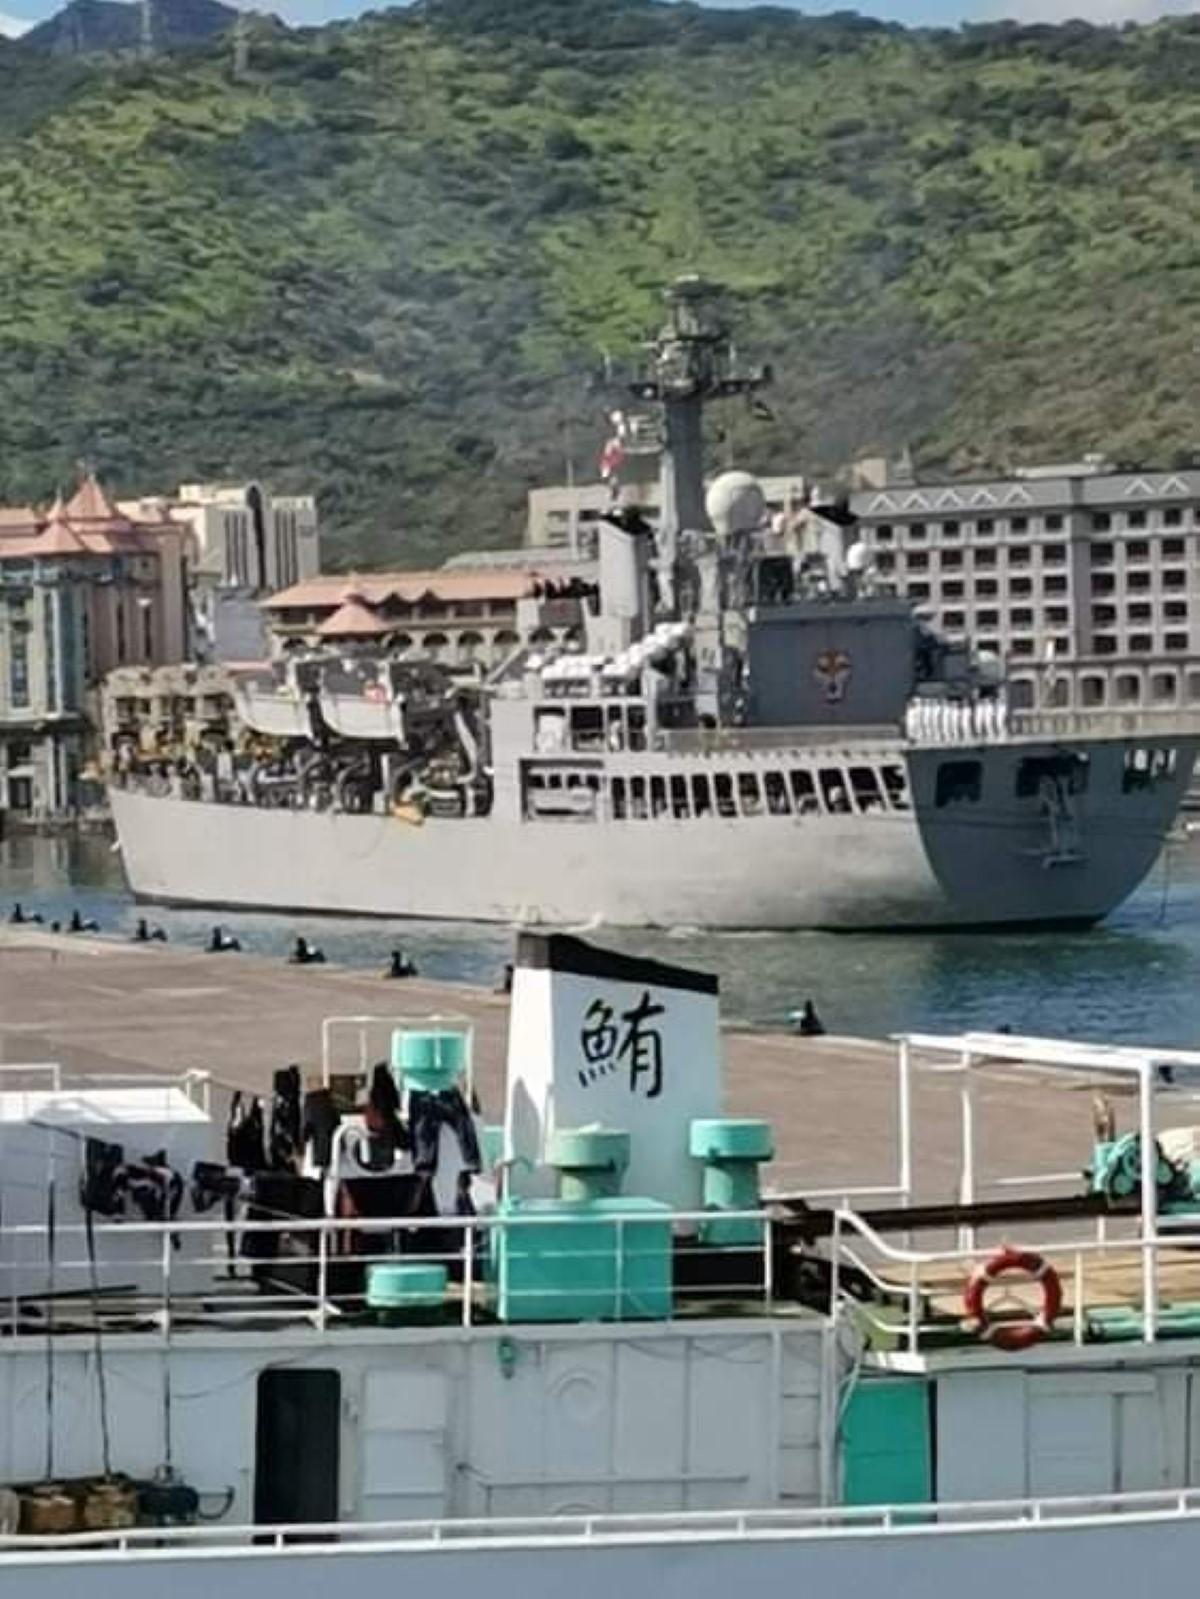 Arrivée de l'INS Shardul, navire de guerre de la marine indienne dans le port